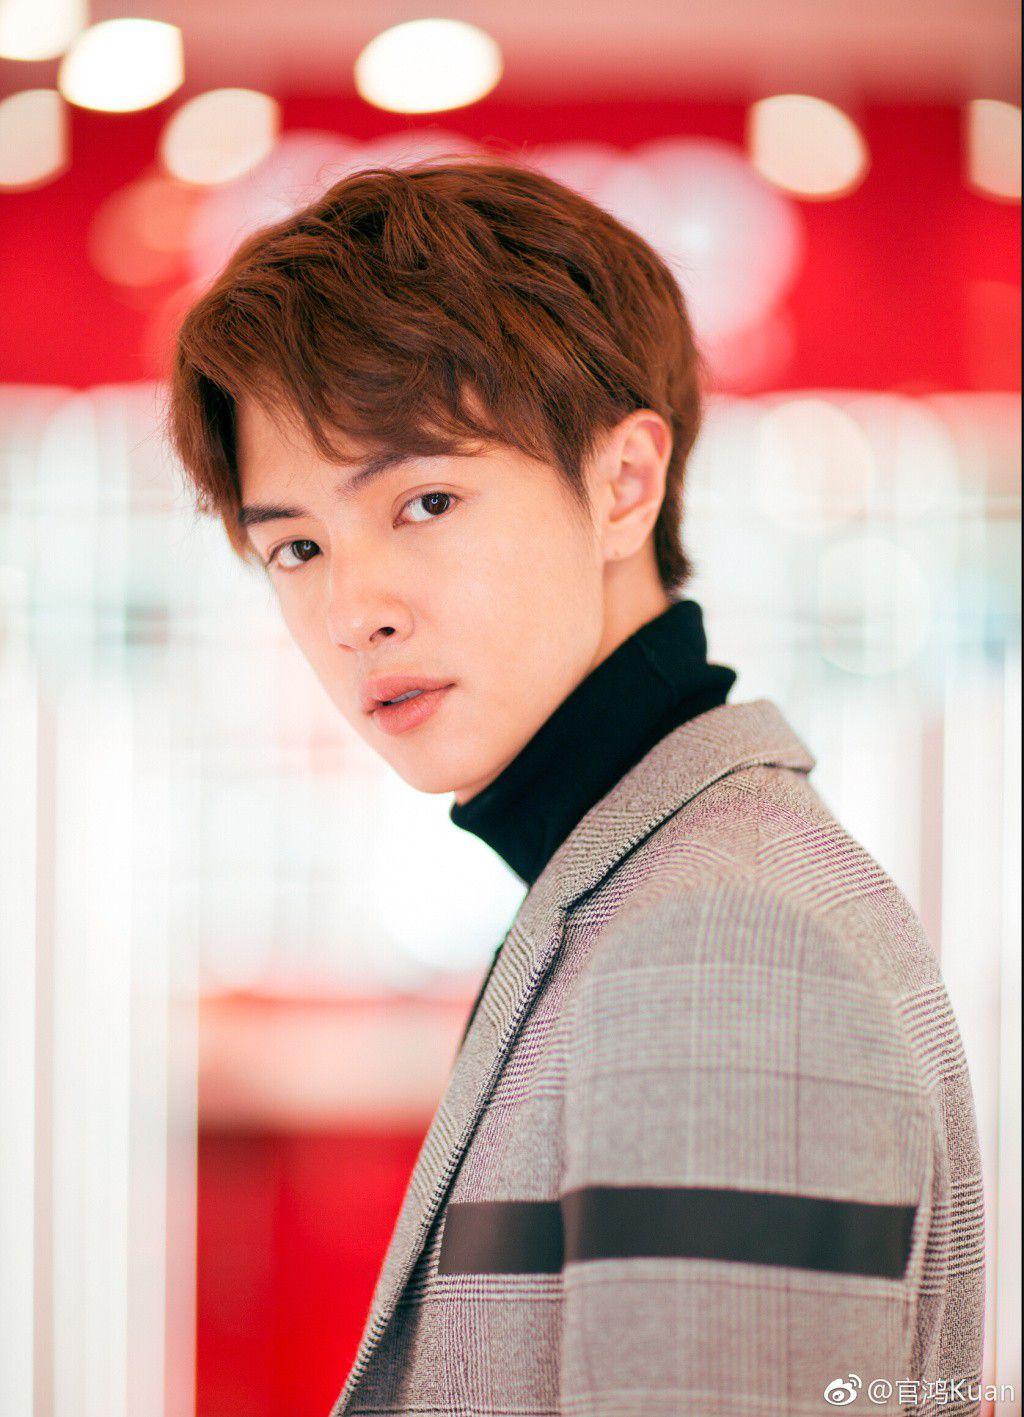 Truy lùng thông tin dàn diễn viên Vườn sao băng 2018 Trung Quốc (22)